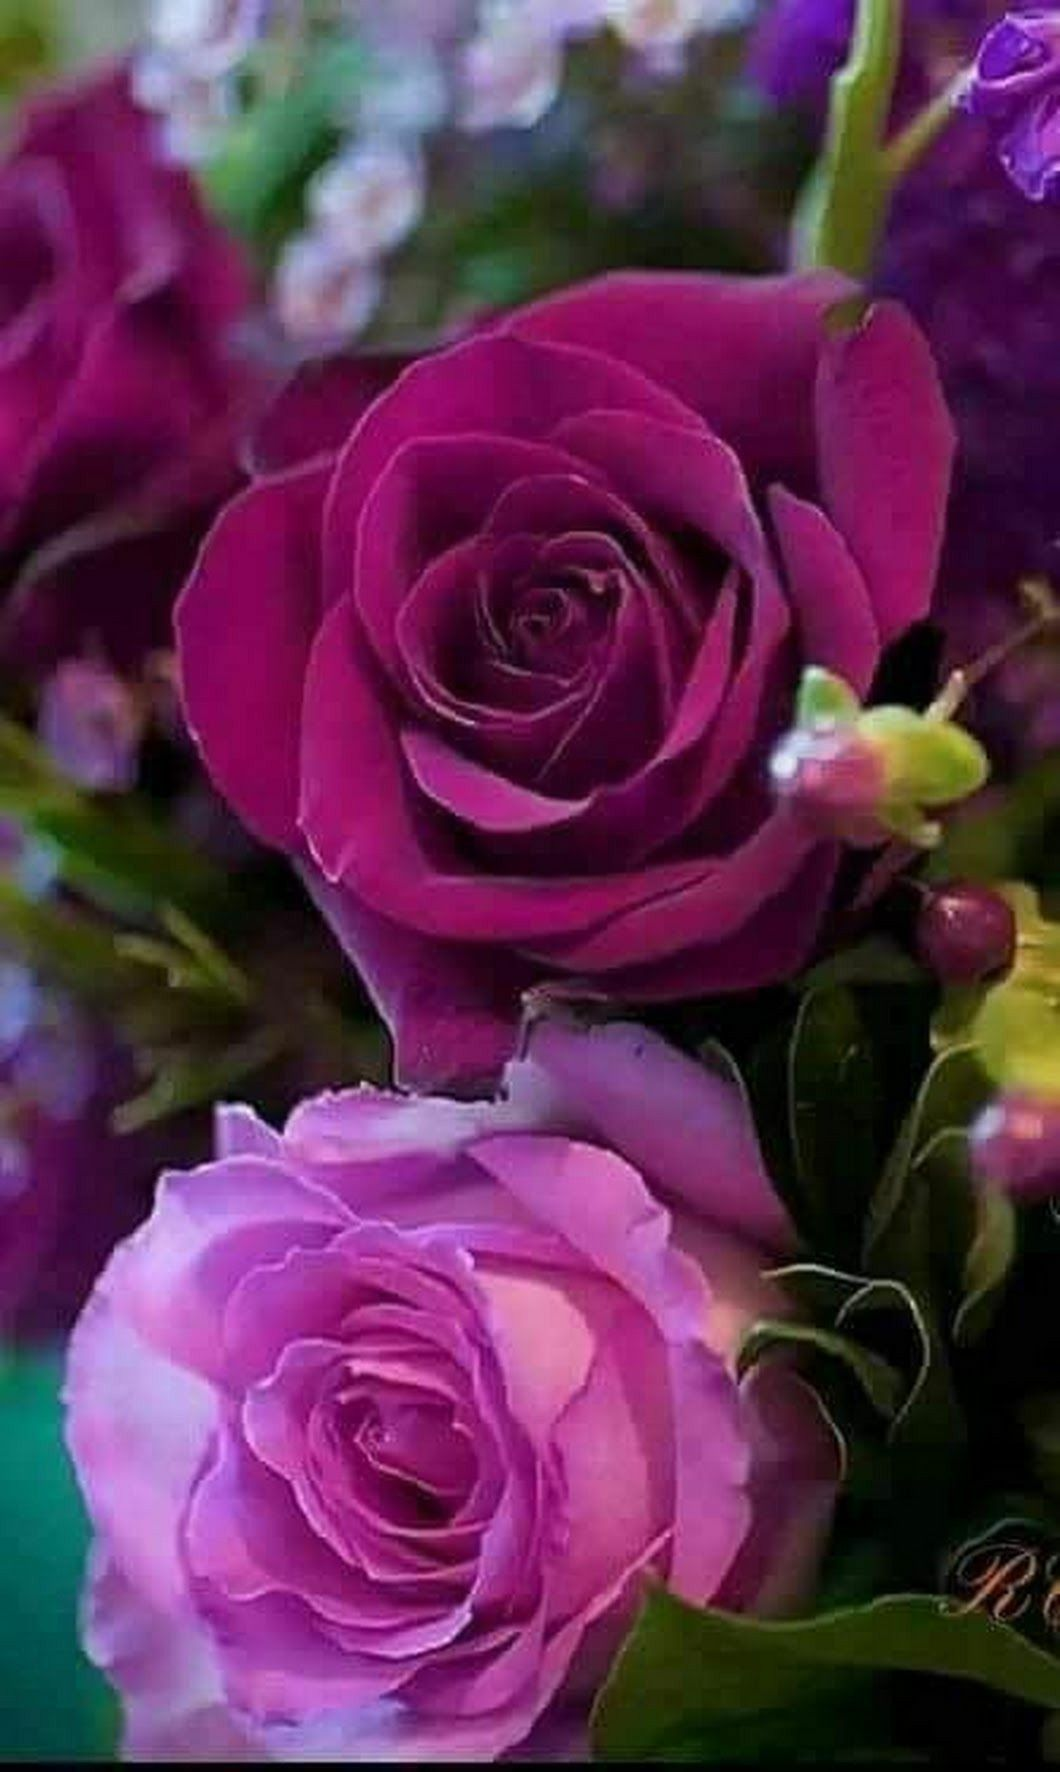 Fotografiya Rosas De Cha Hibridas Rosas Lindas E Flores Bonitas